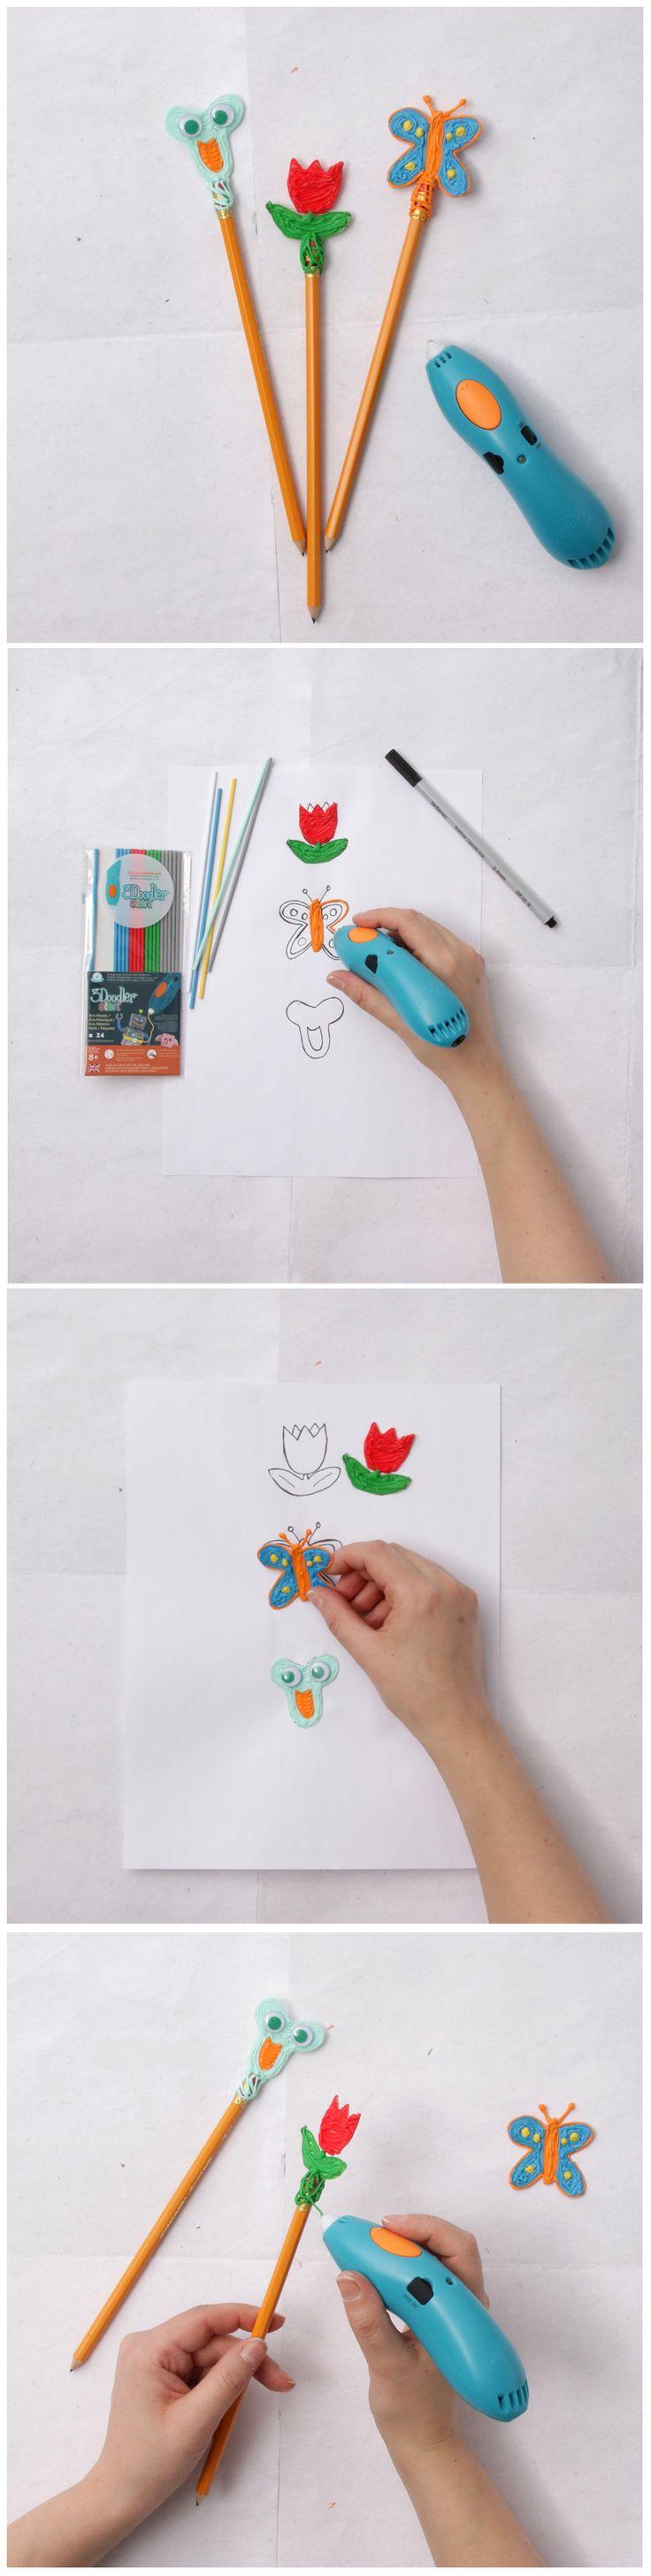 3Doodler Pencil Toppers // Dessiner en 3D avec le stylo 3Doodler